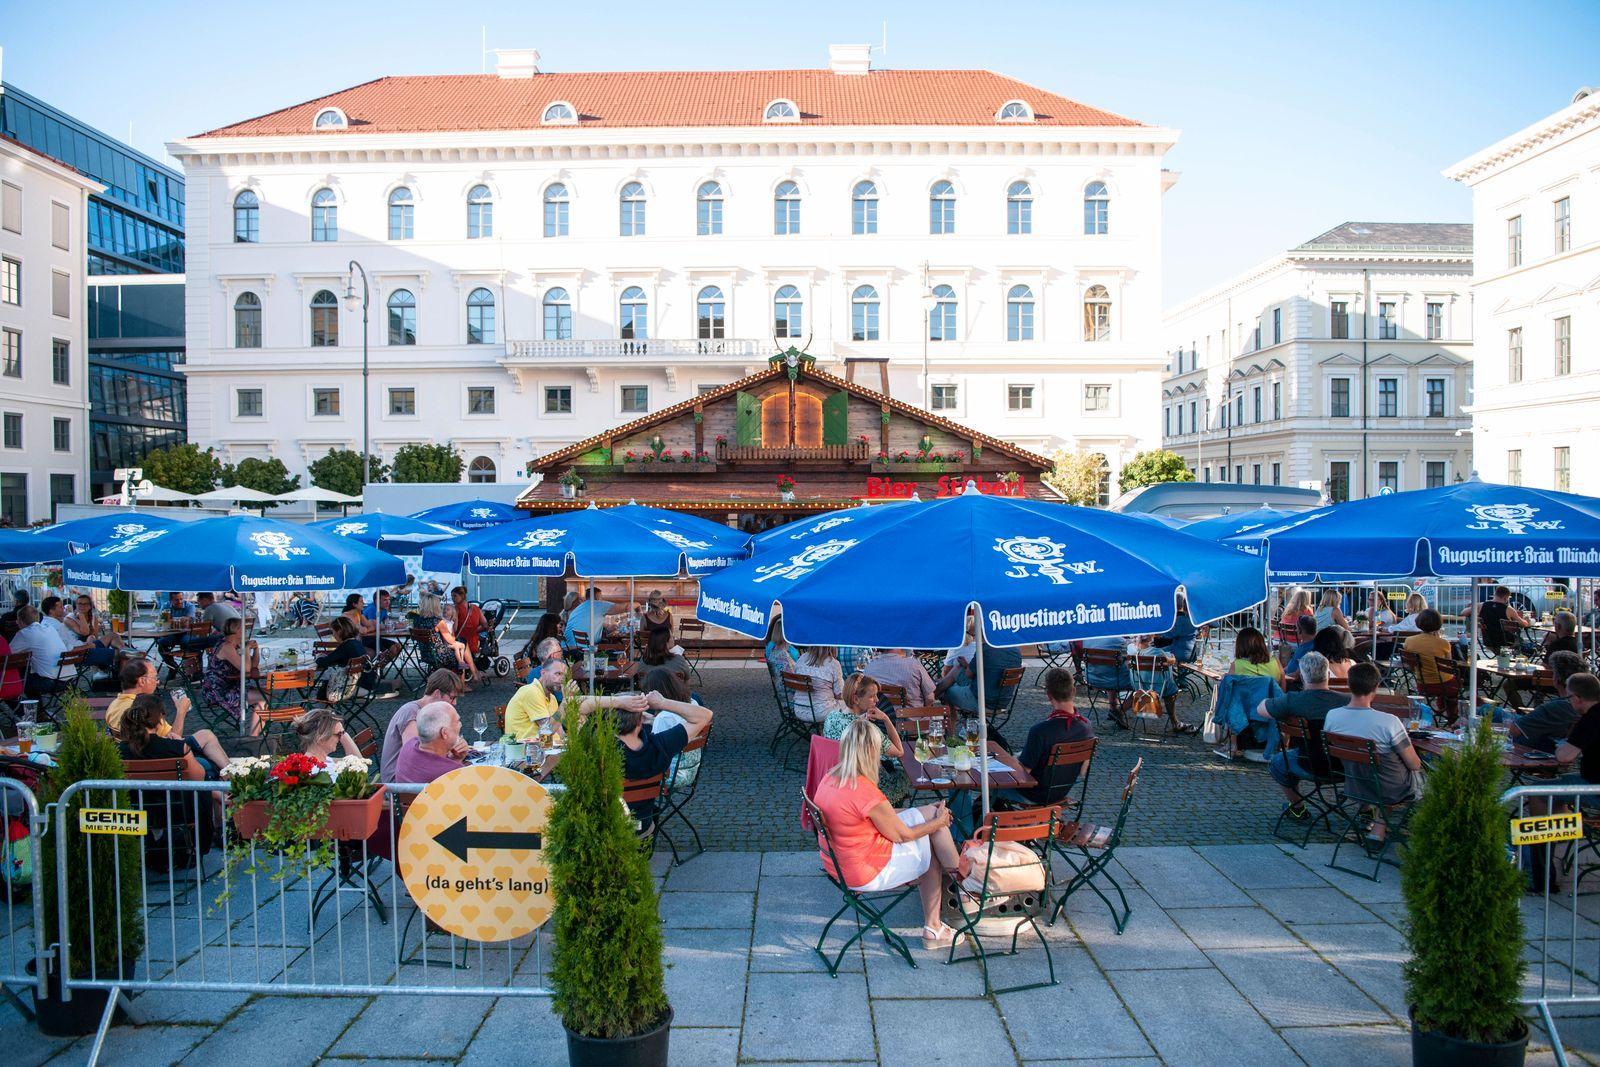 Muenchen, der Biergarten auf dem Wittelsbacher Platz-Sommer in der Stadt *** Munich, the beer garden on the Wittelsbache